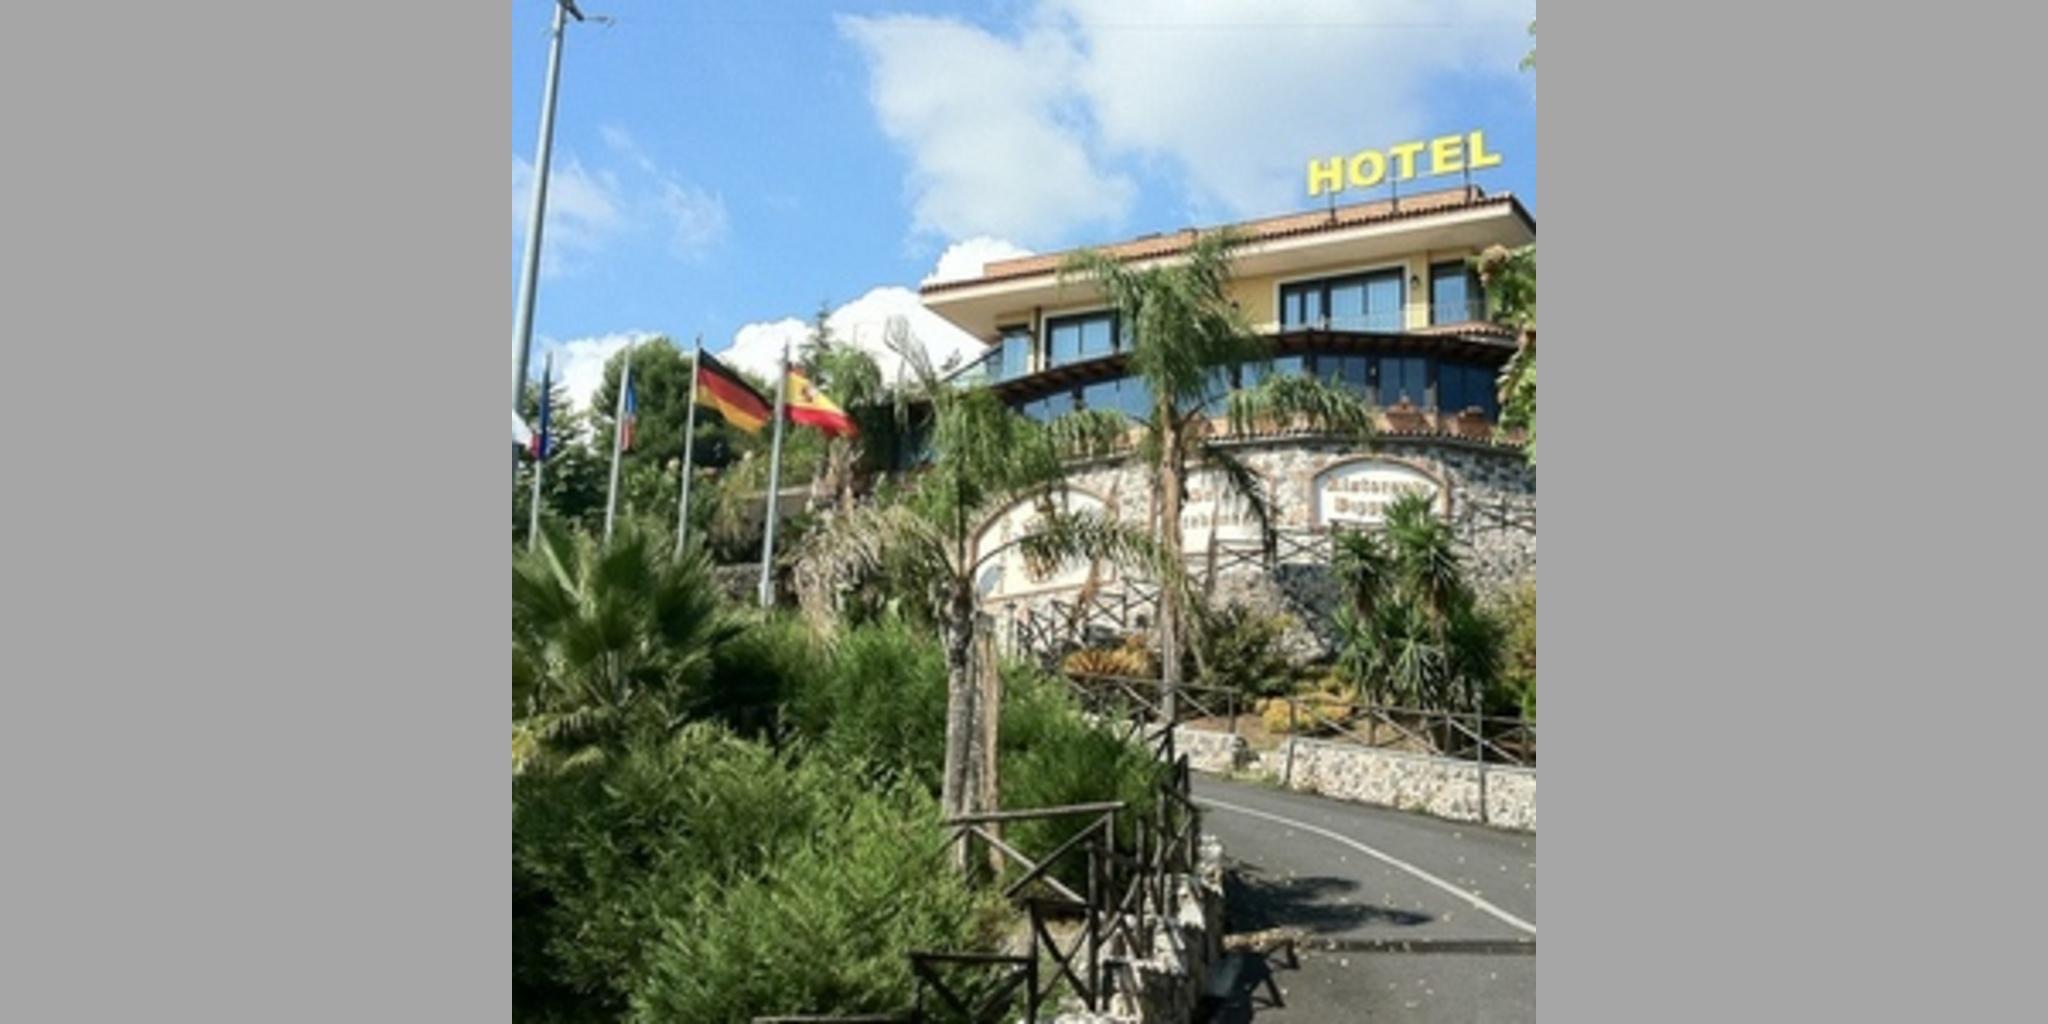 Hotel Zafferana Etnea - Zafferana